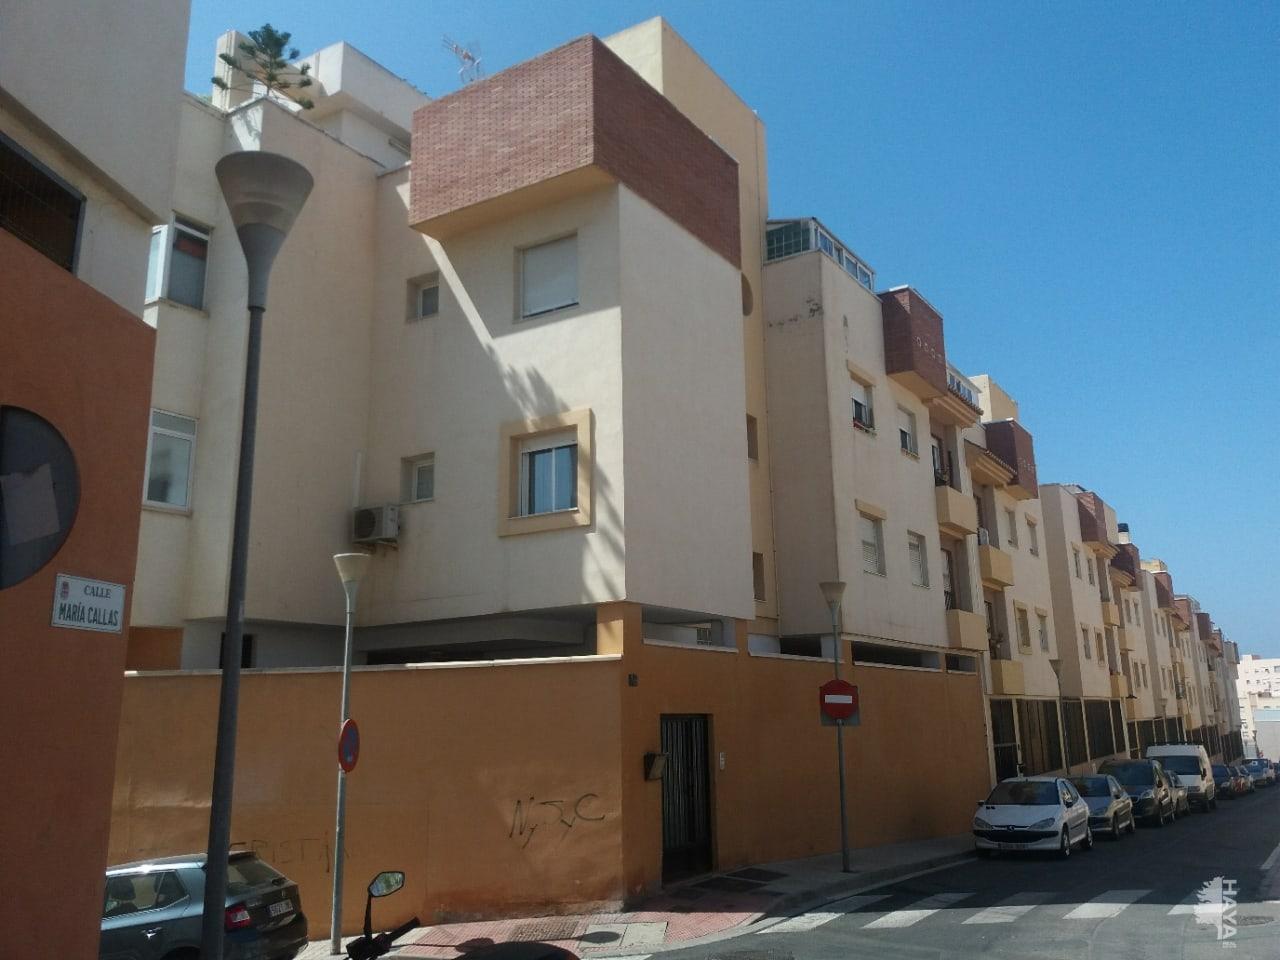 Piso en venta en Villa Blanca, Almería, Almería, Calle Maria Callas, 84.735 €, 2 habitaciones, 1 baño, 74 m2